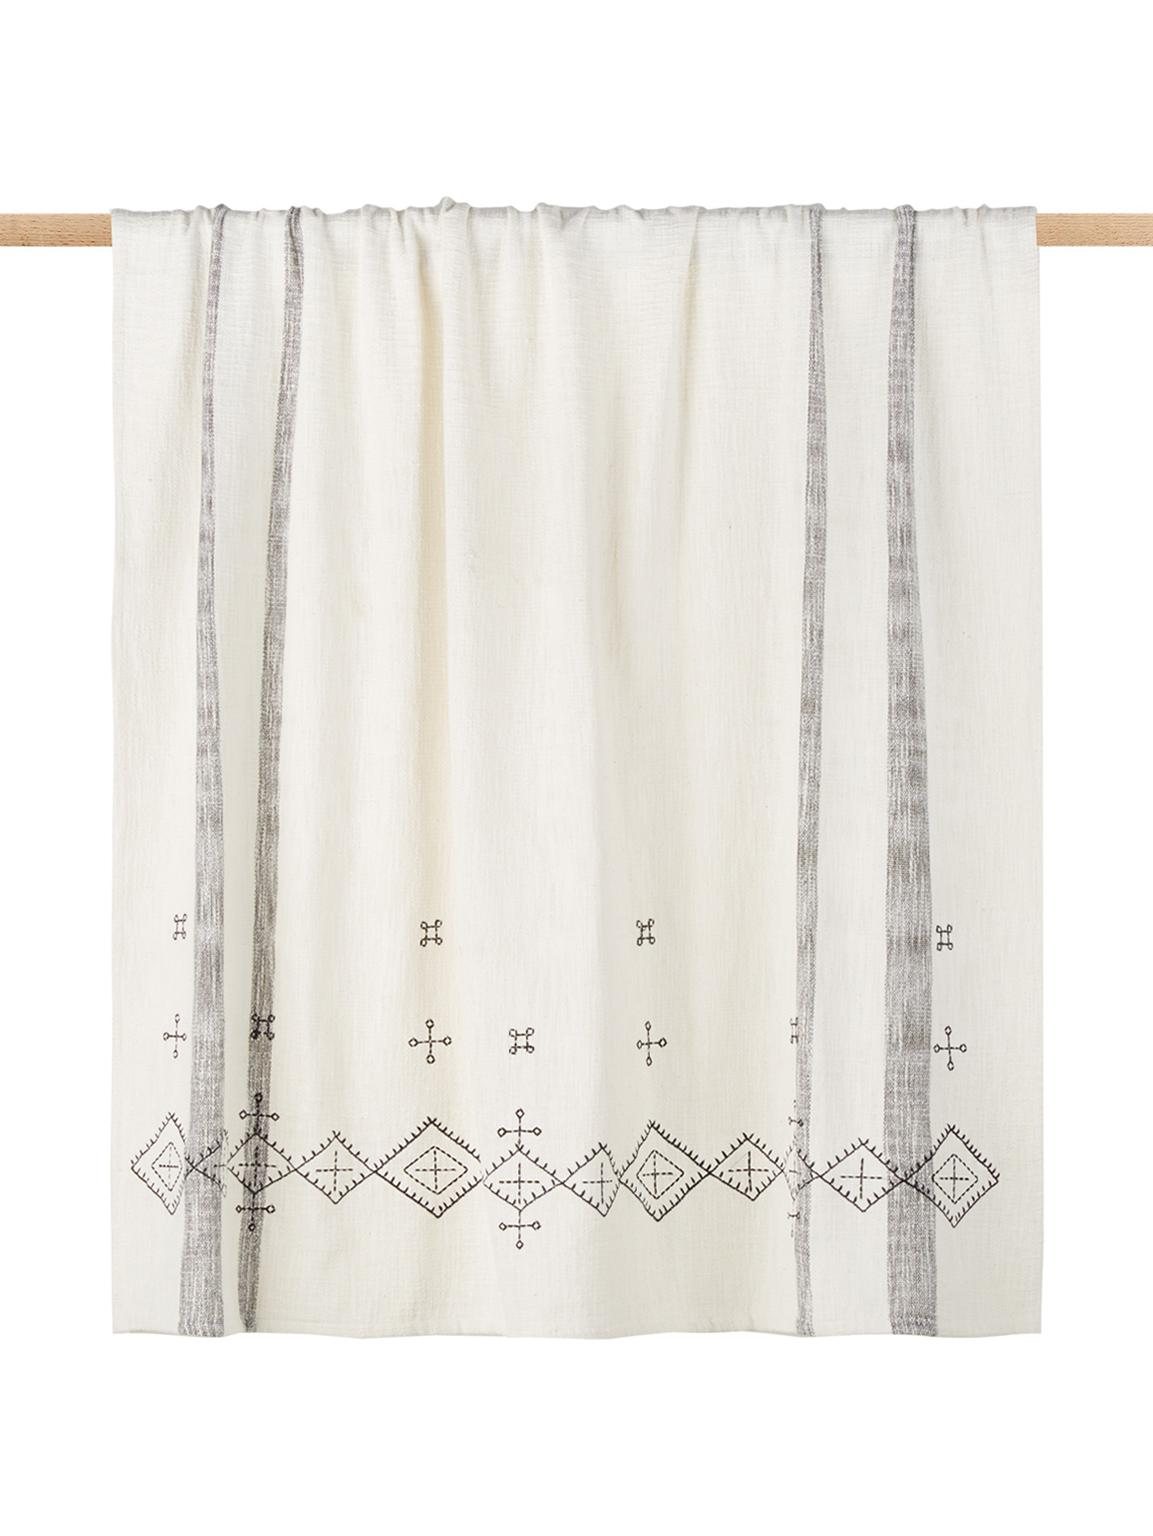 Ethno Plaid Slub mit Stickerei, 100% Baumwolle, Gebrochenes Weiß, Schwarz, 130 x 170 cm